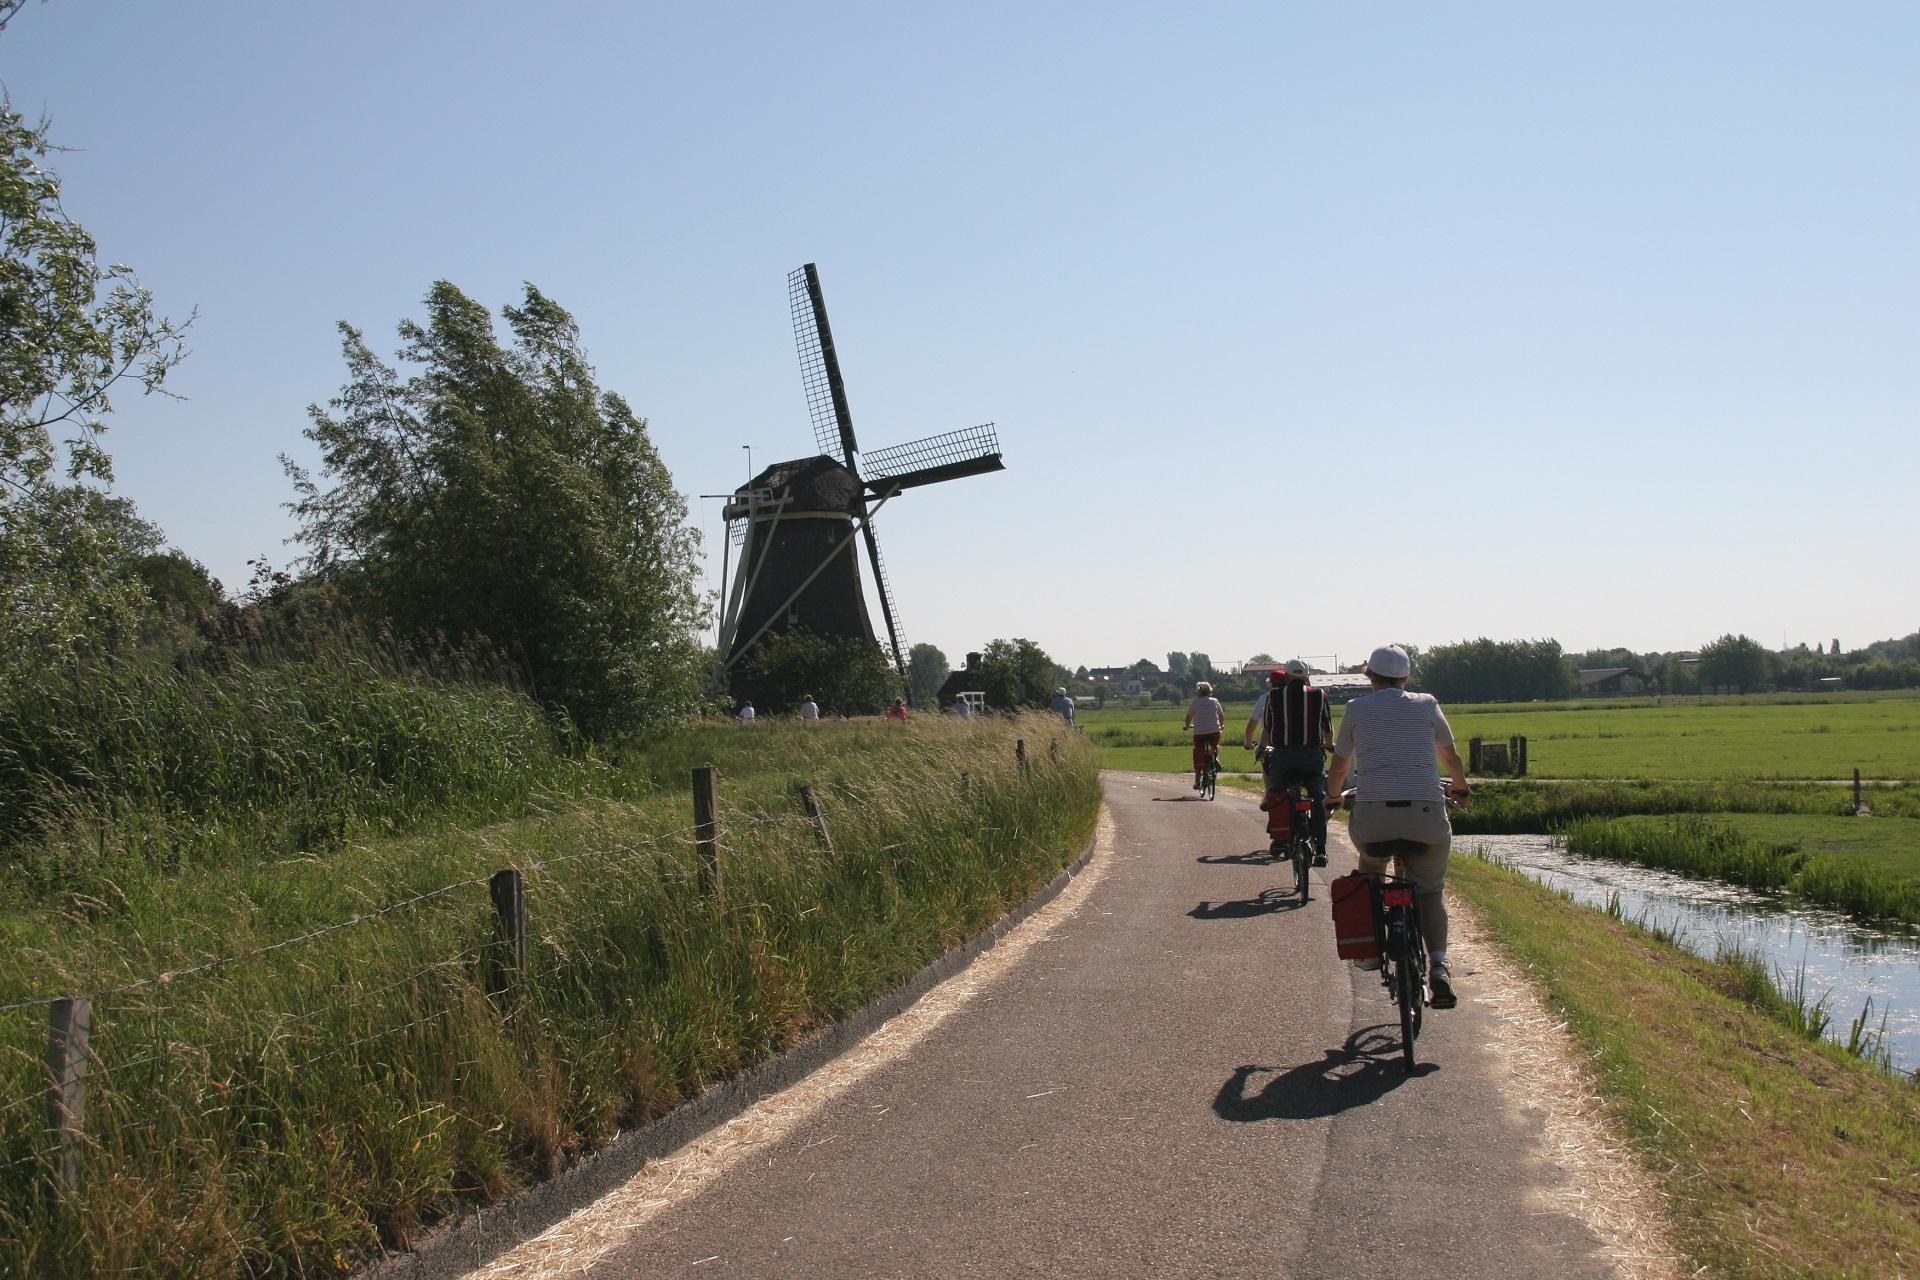 Fiets-vaarvakantie van Amsterdam naar Maastricht 8 dagen